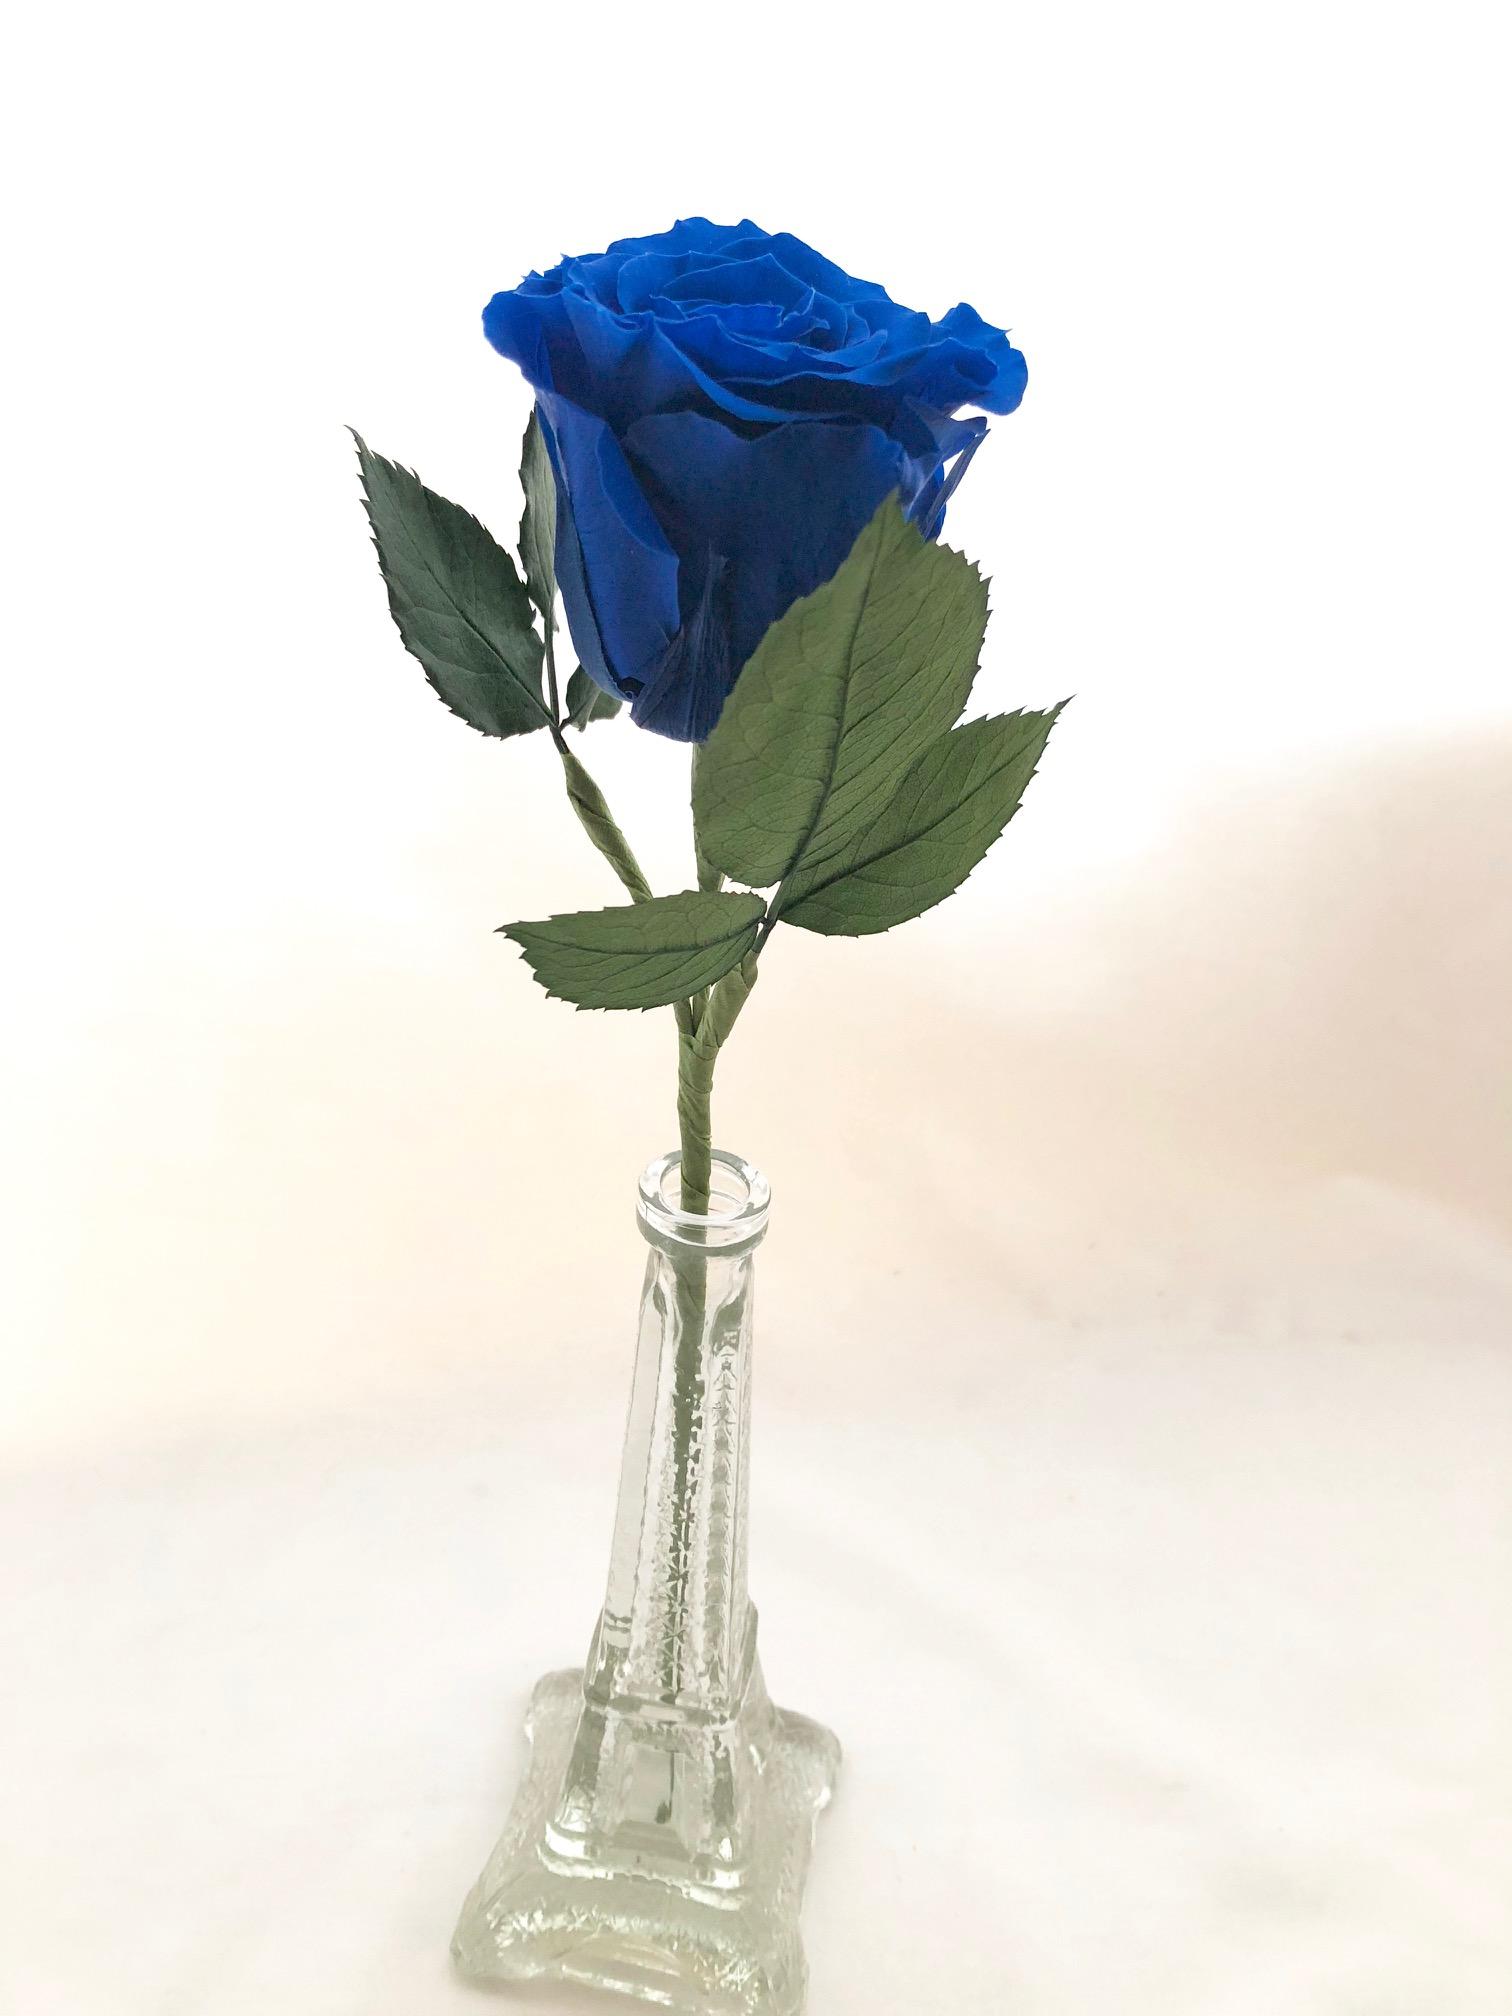 プリザーブドフラワー/青い薔薇の祝福一輪ラッピング】 | iichi ...